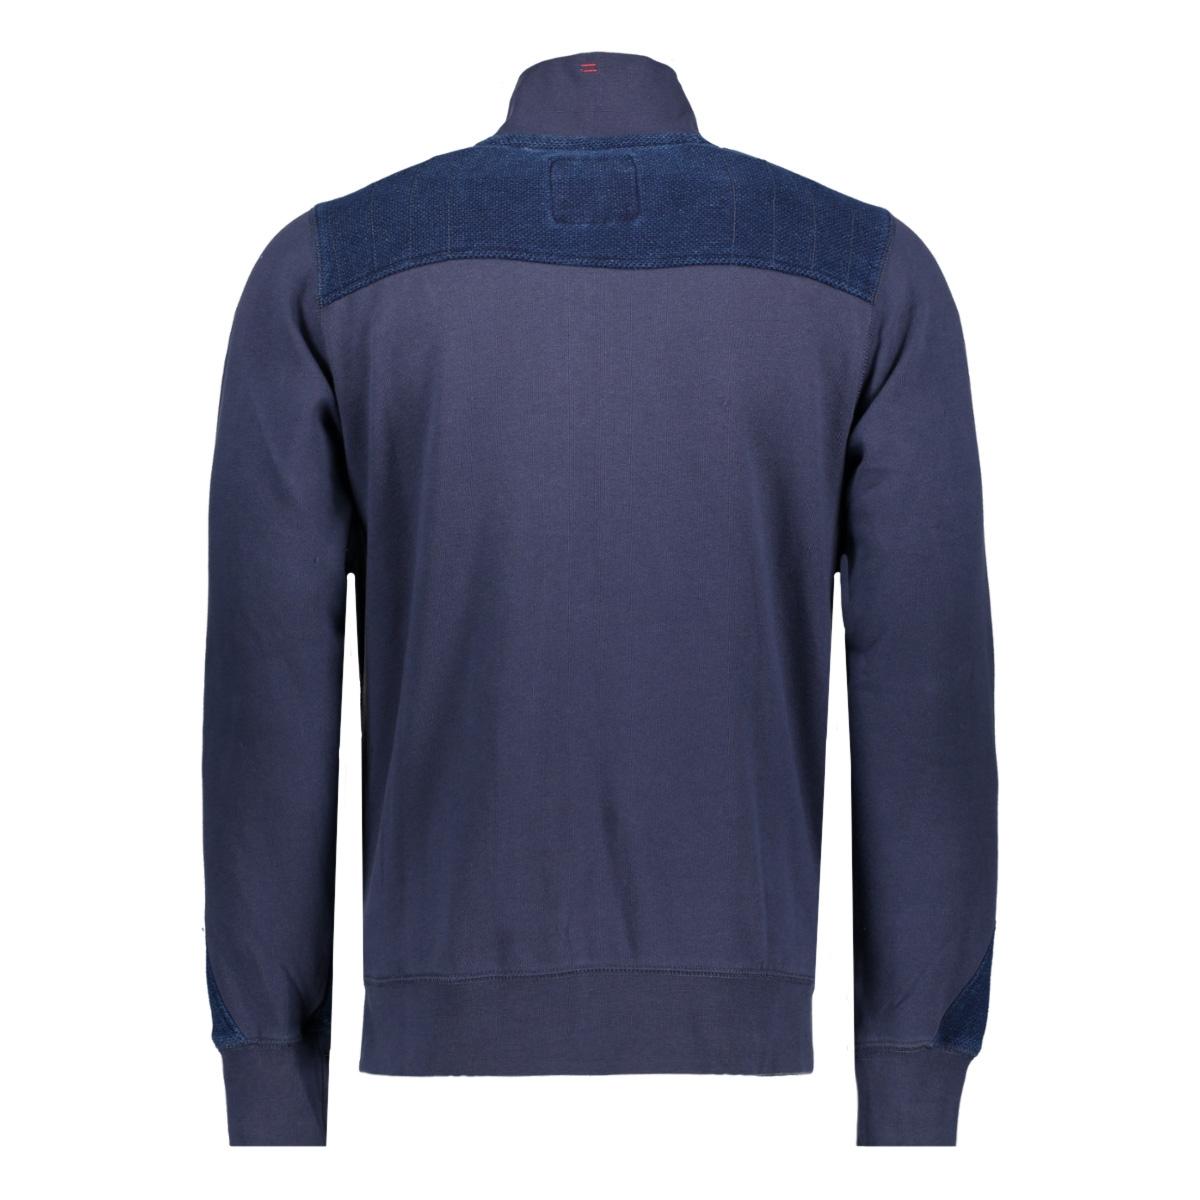 msw751433 twinlife vest carbon